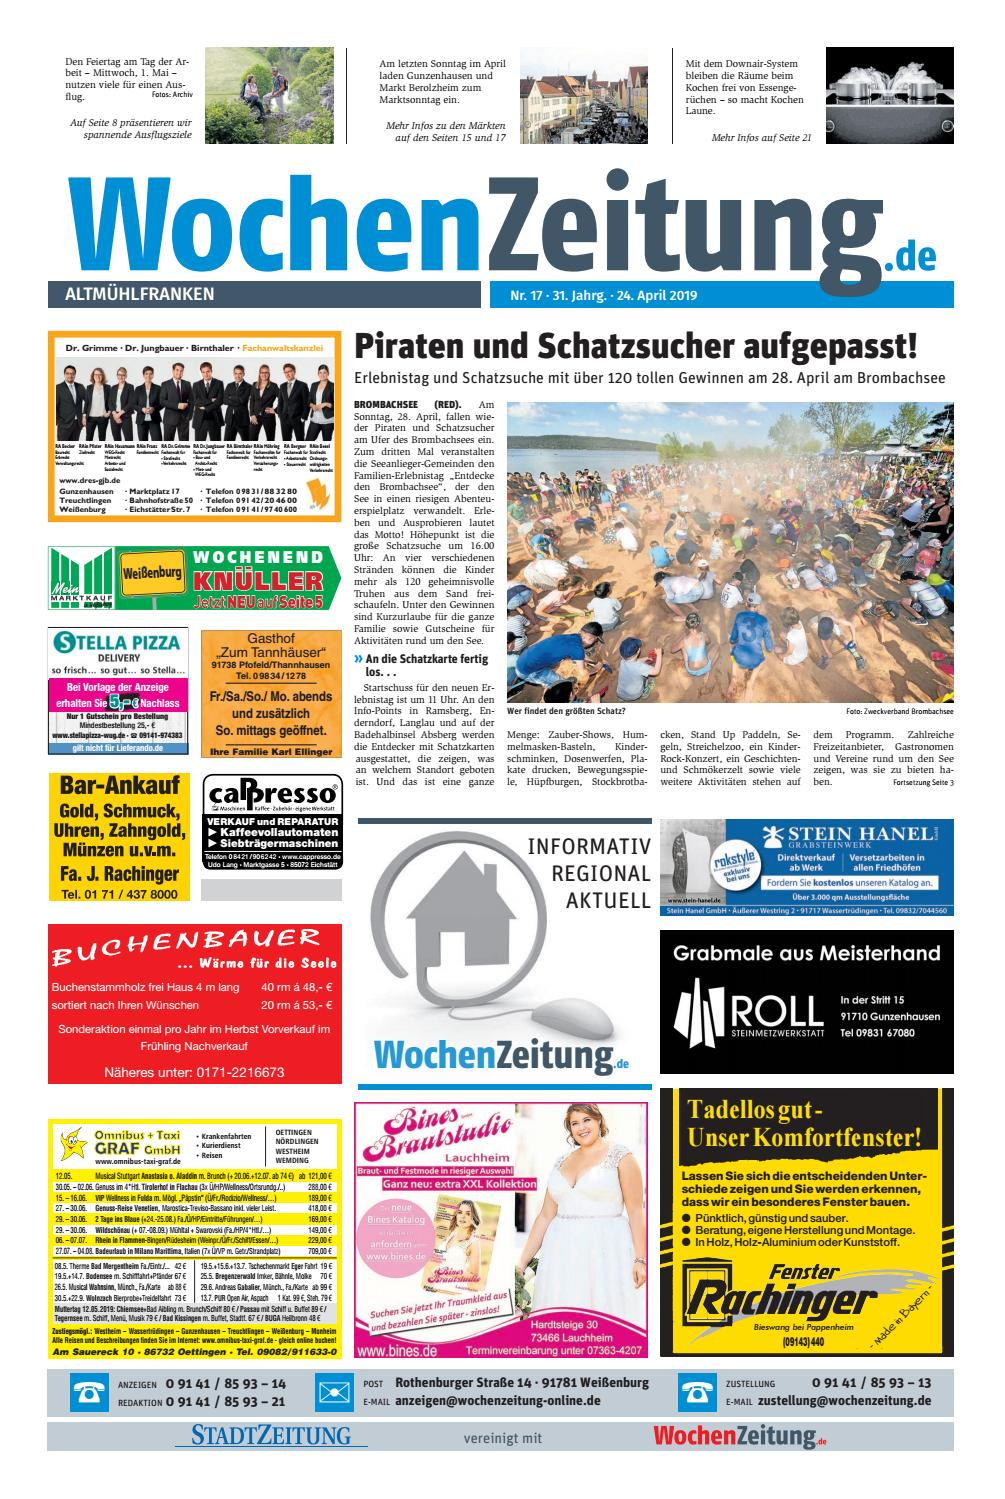 Wochenanzeiger weißenburg bekanntschaften [PUNIQRANDLINE-(au-dating-names.txt) 30